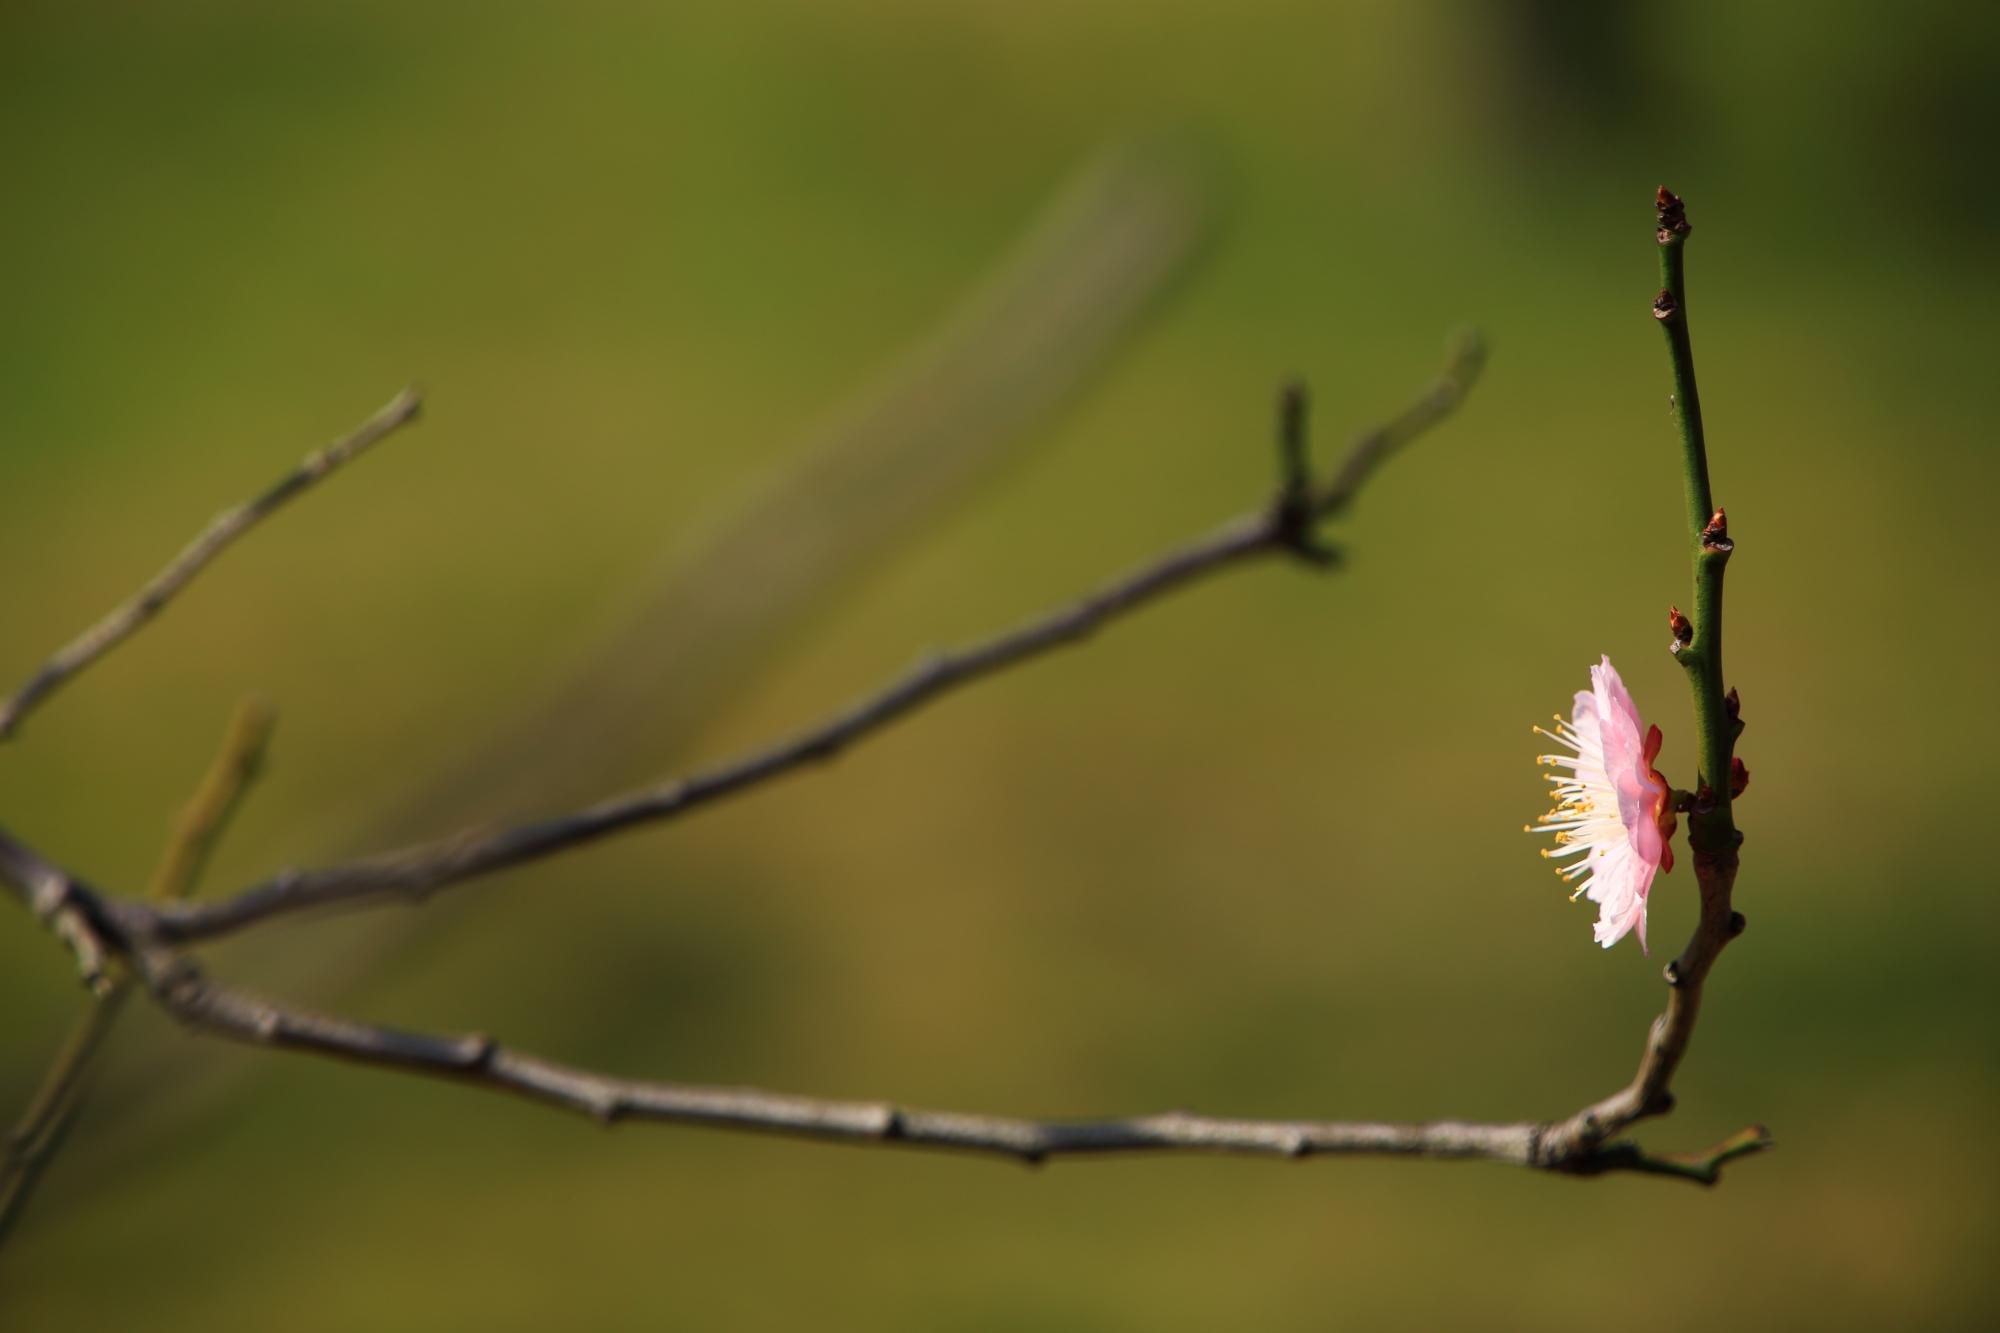 一輪だけポツンと咲く趣きある梅の花